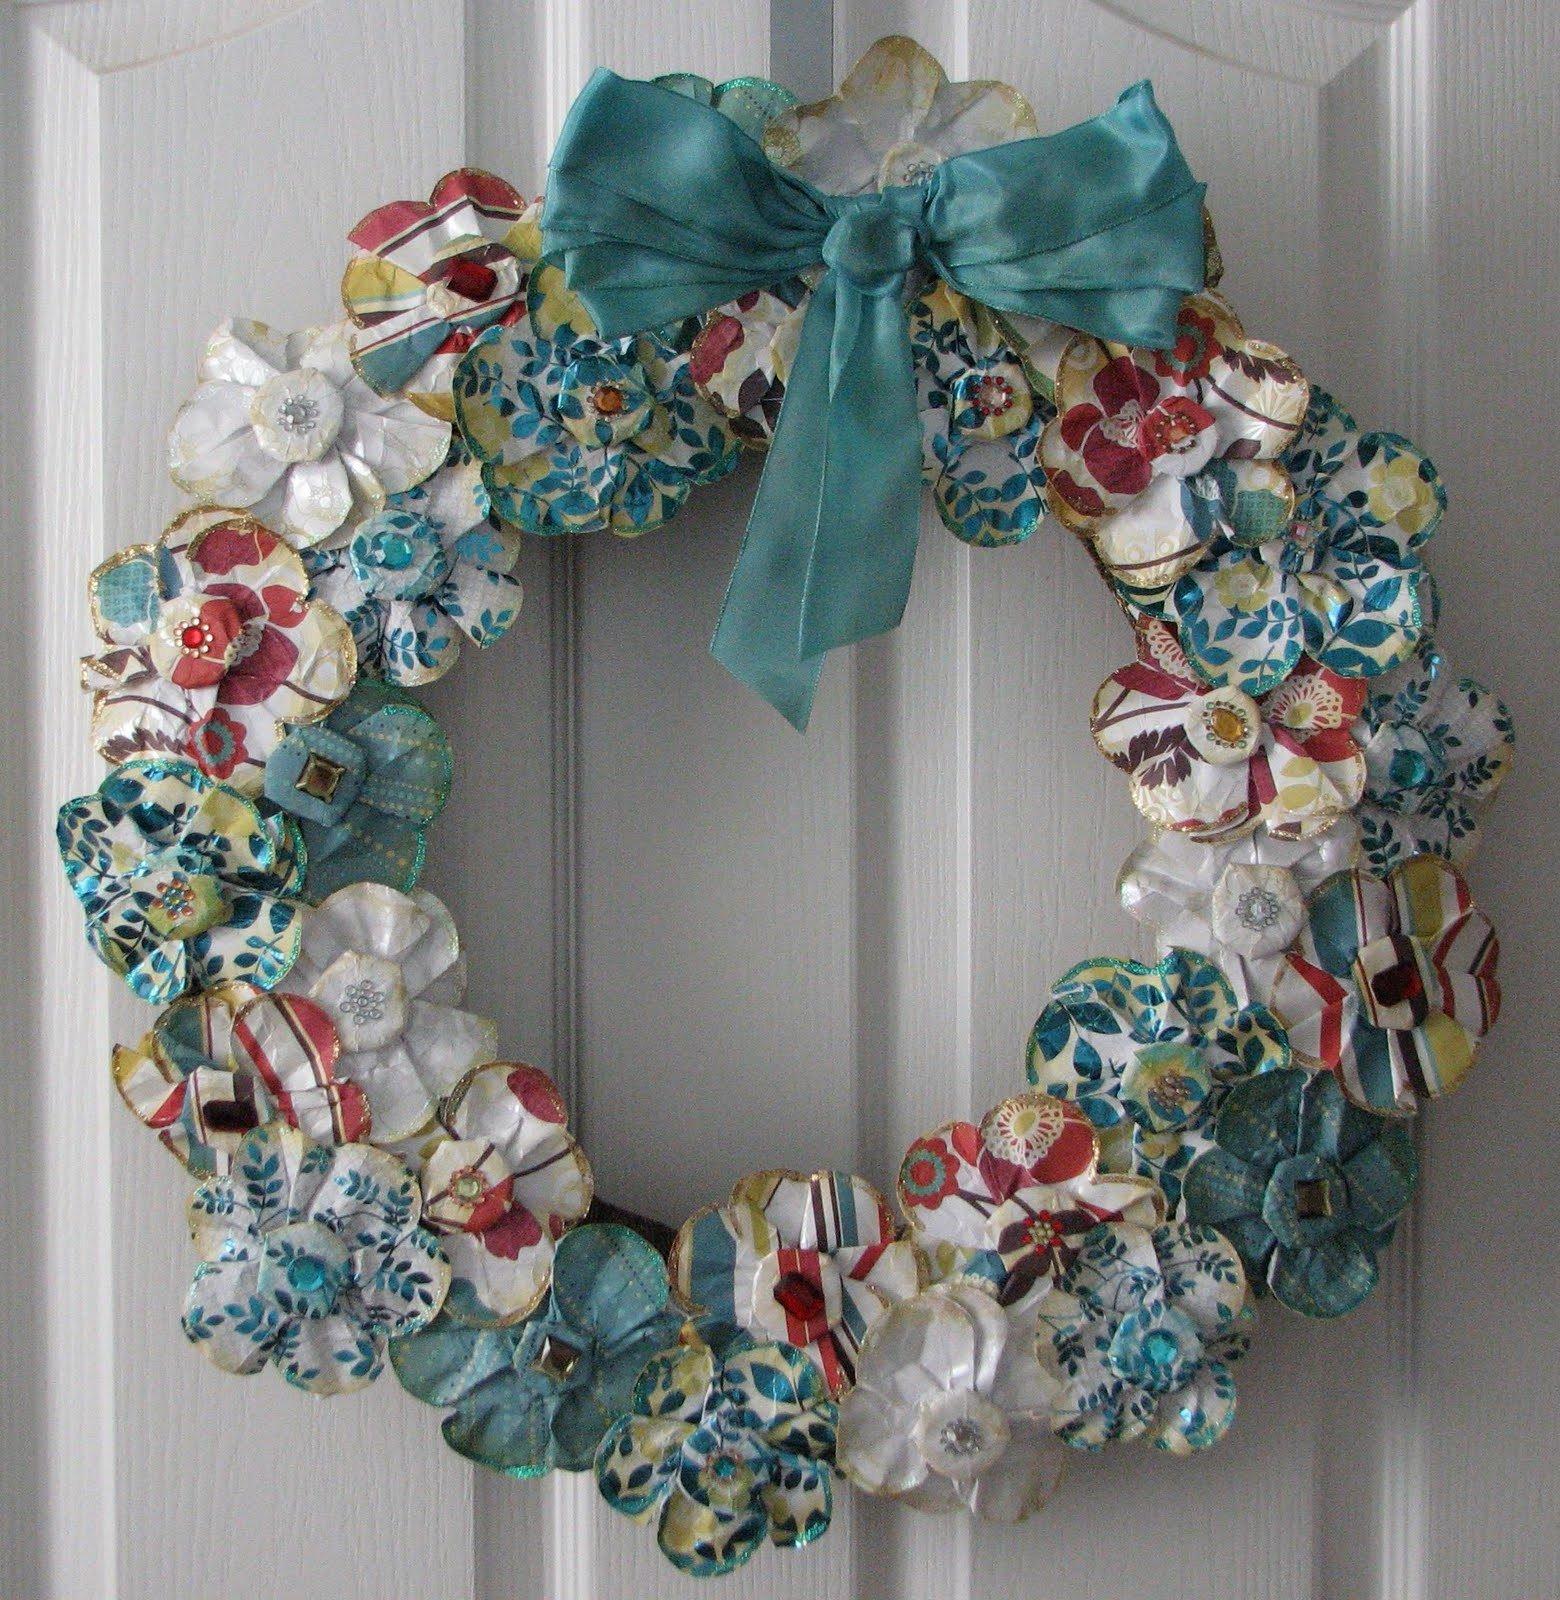 Türkranz aus Papierblumen - total hübsches Deko zu Weihnachten